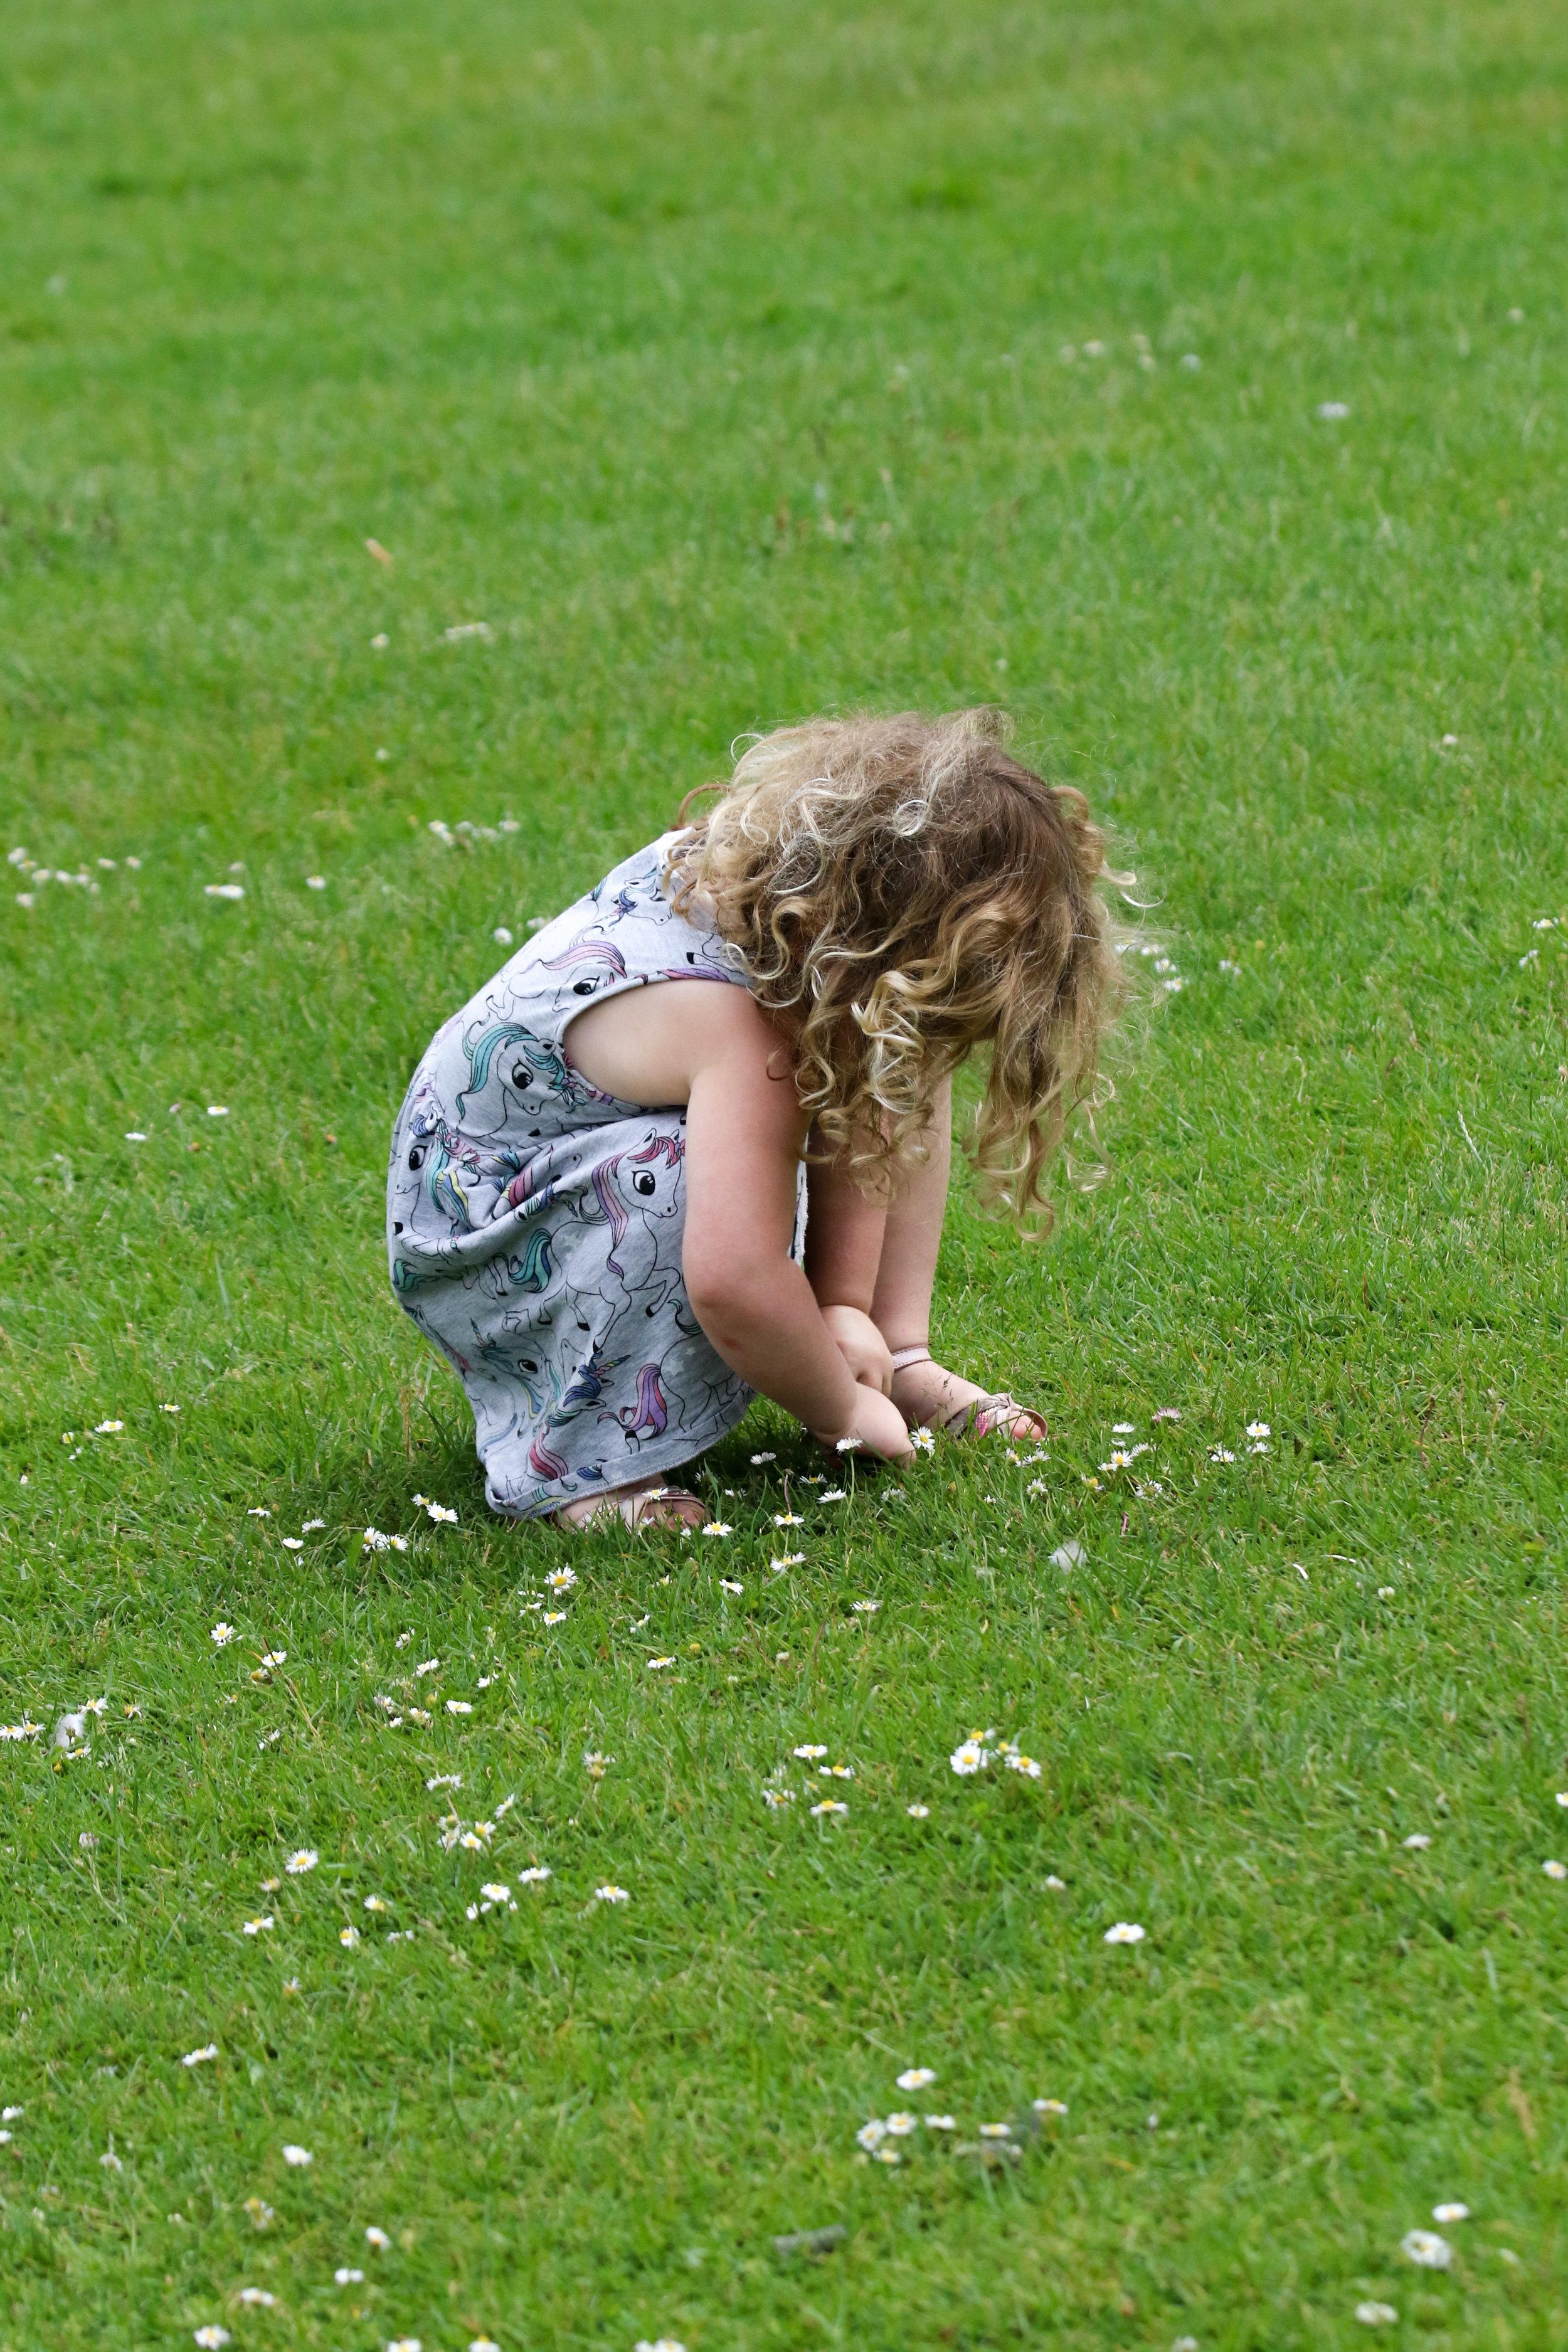 little girl picking grass london hyde park (1 of 1).jpg